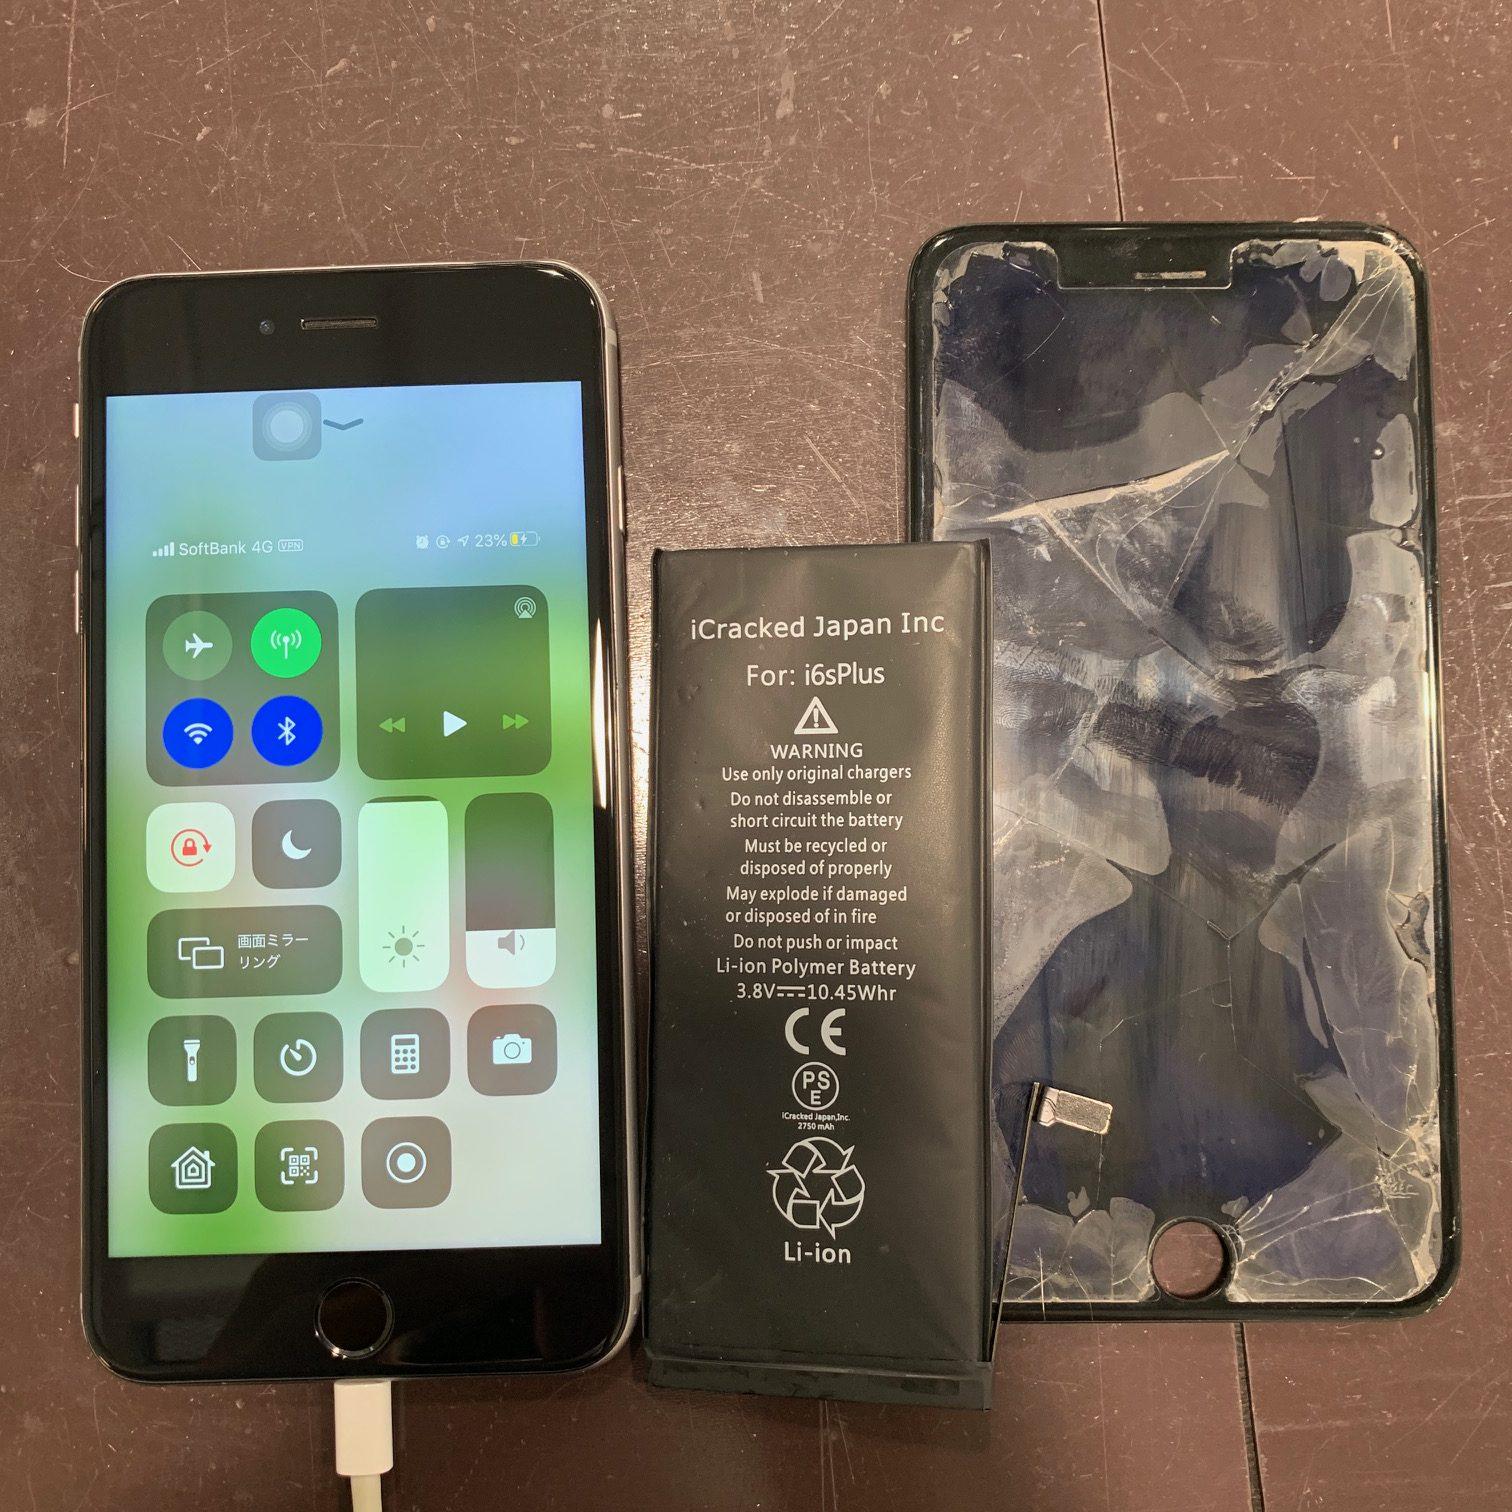 iPhone6spの液晶画面が浮いて本体と画面の間に隙間が!? 原因はなんと膨張したバッテリー! | 伊丹市よりご来店  ℳ